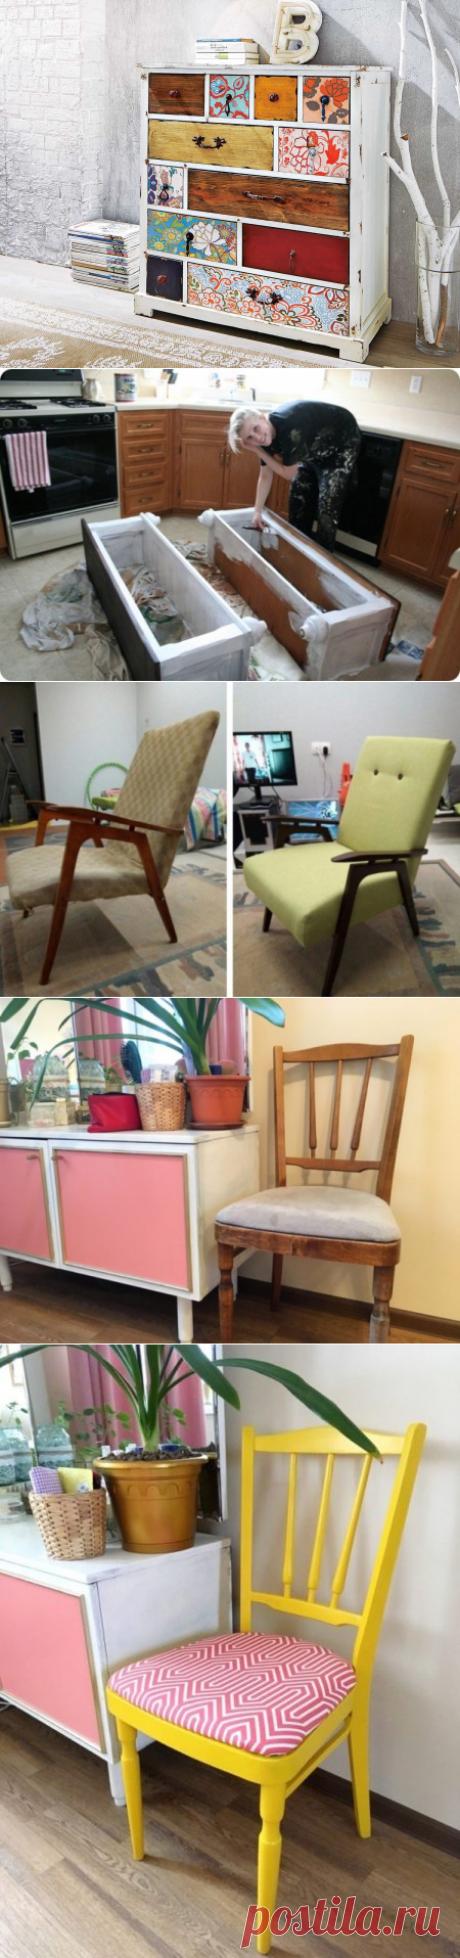 Переделка старой мебели в модную своими руками – сам себе дизайнер